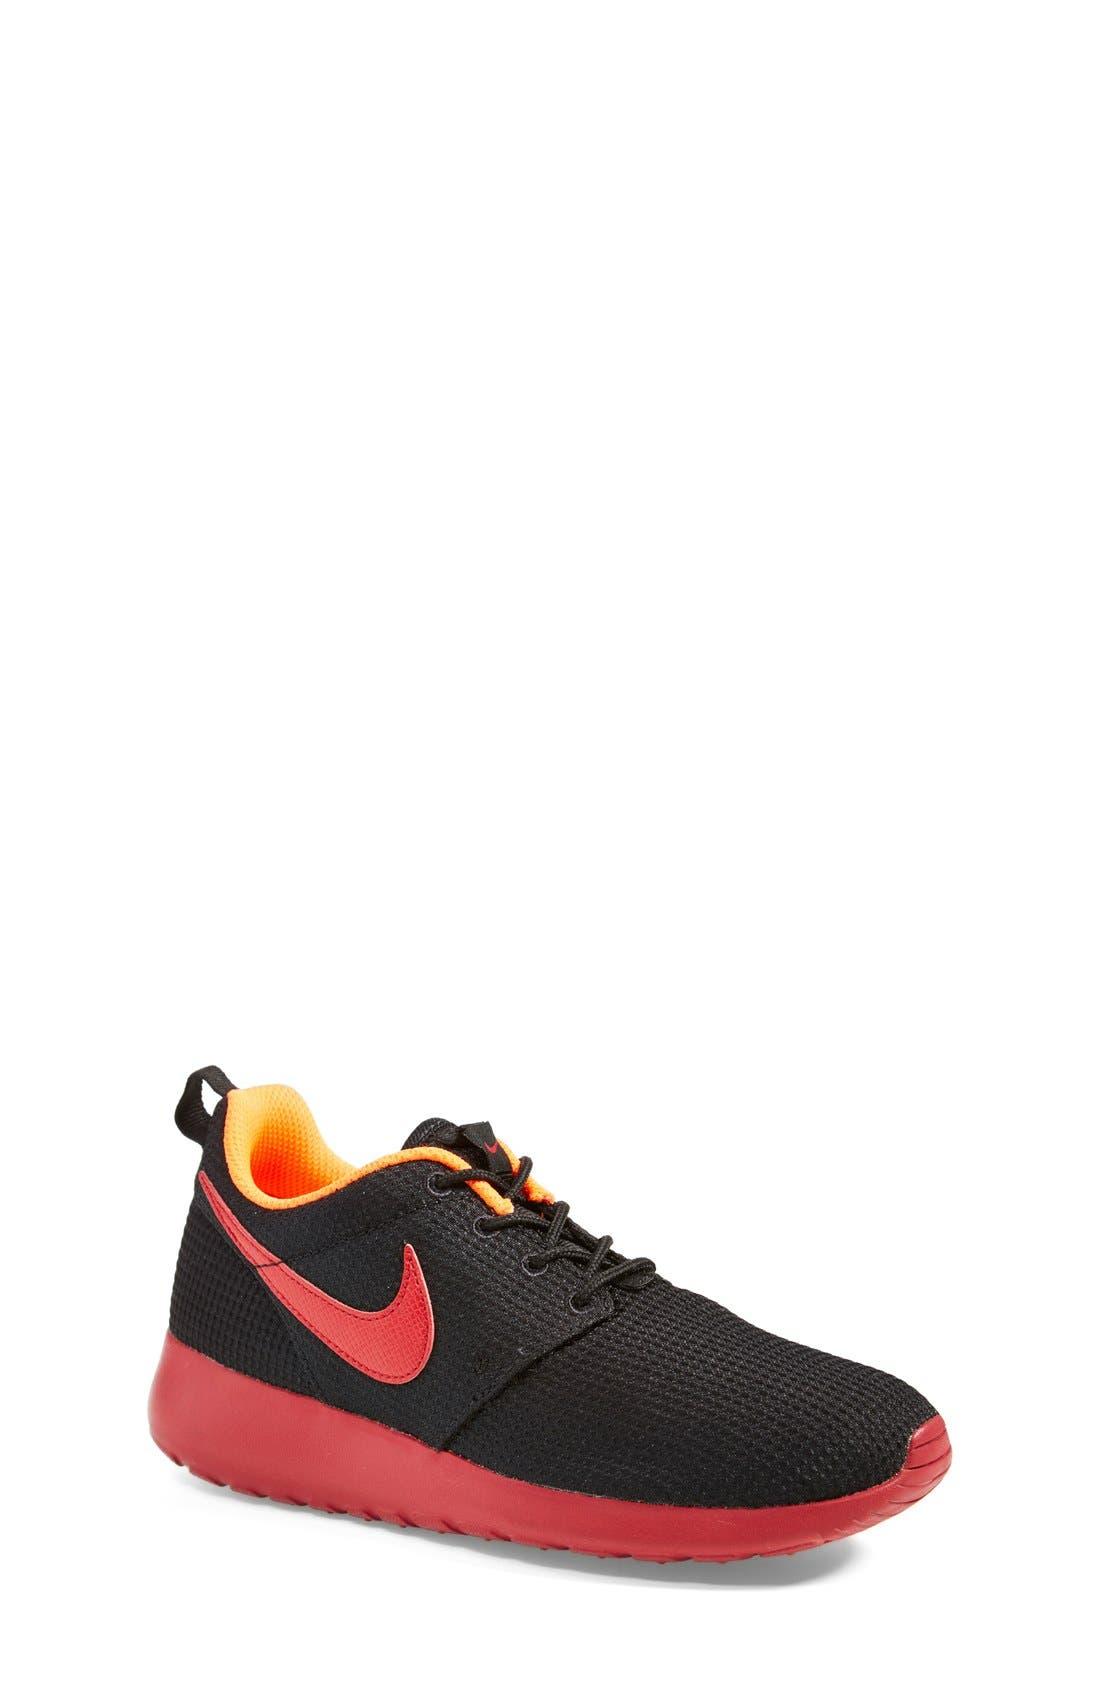 Main Image - Nike 'Roshe Run' Sneaker (Big Kid)